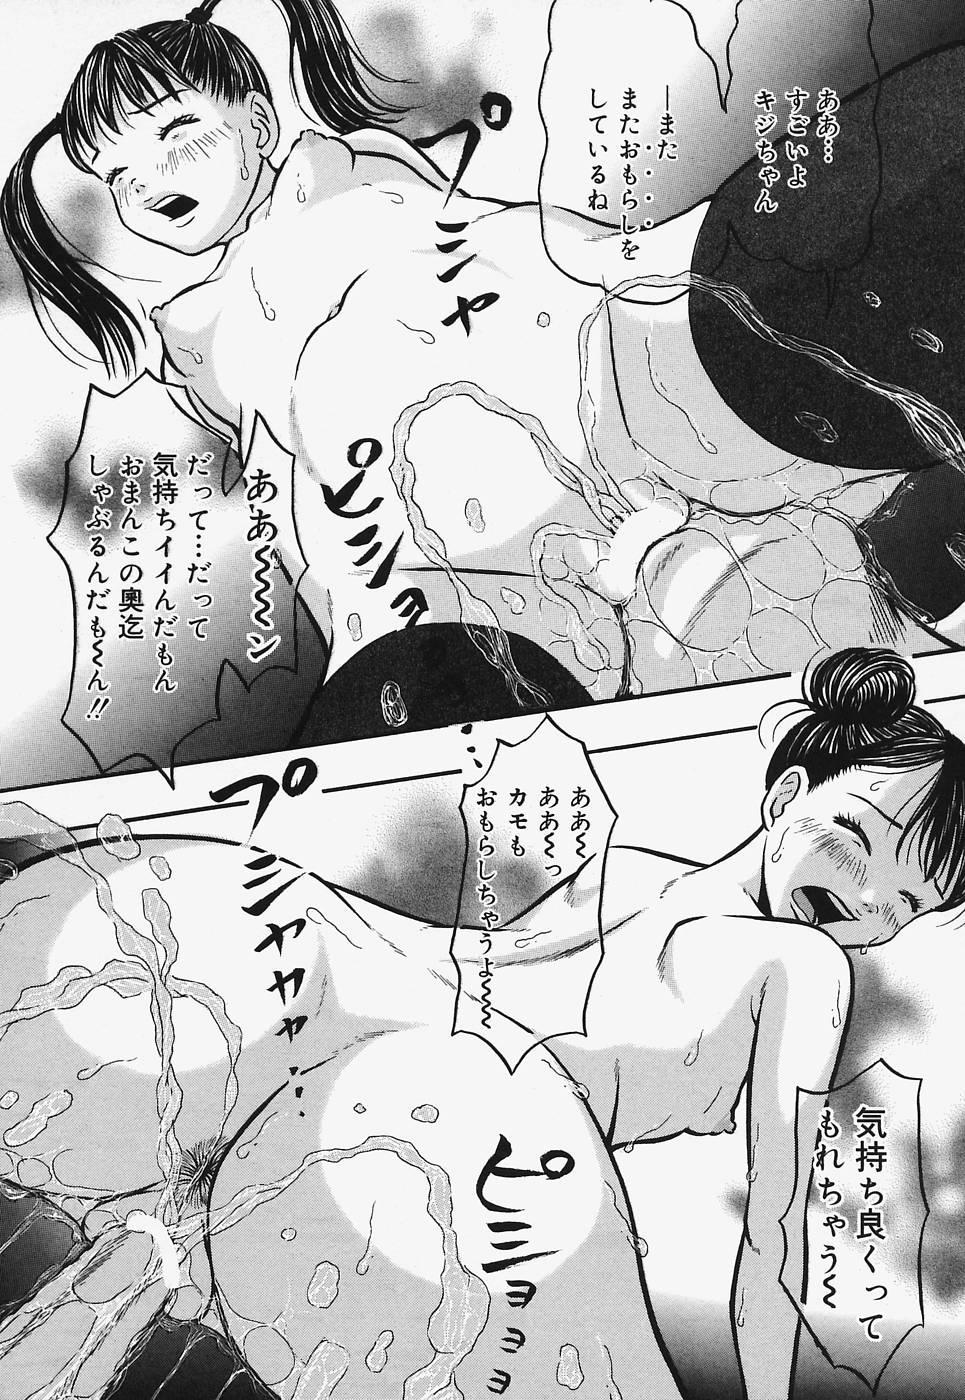 Nurunuru Syoujyo Jiru 159